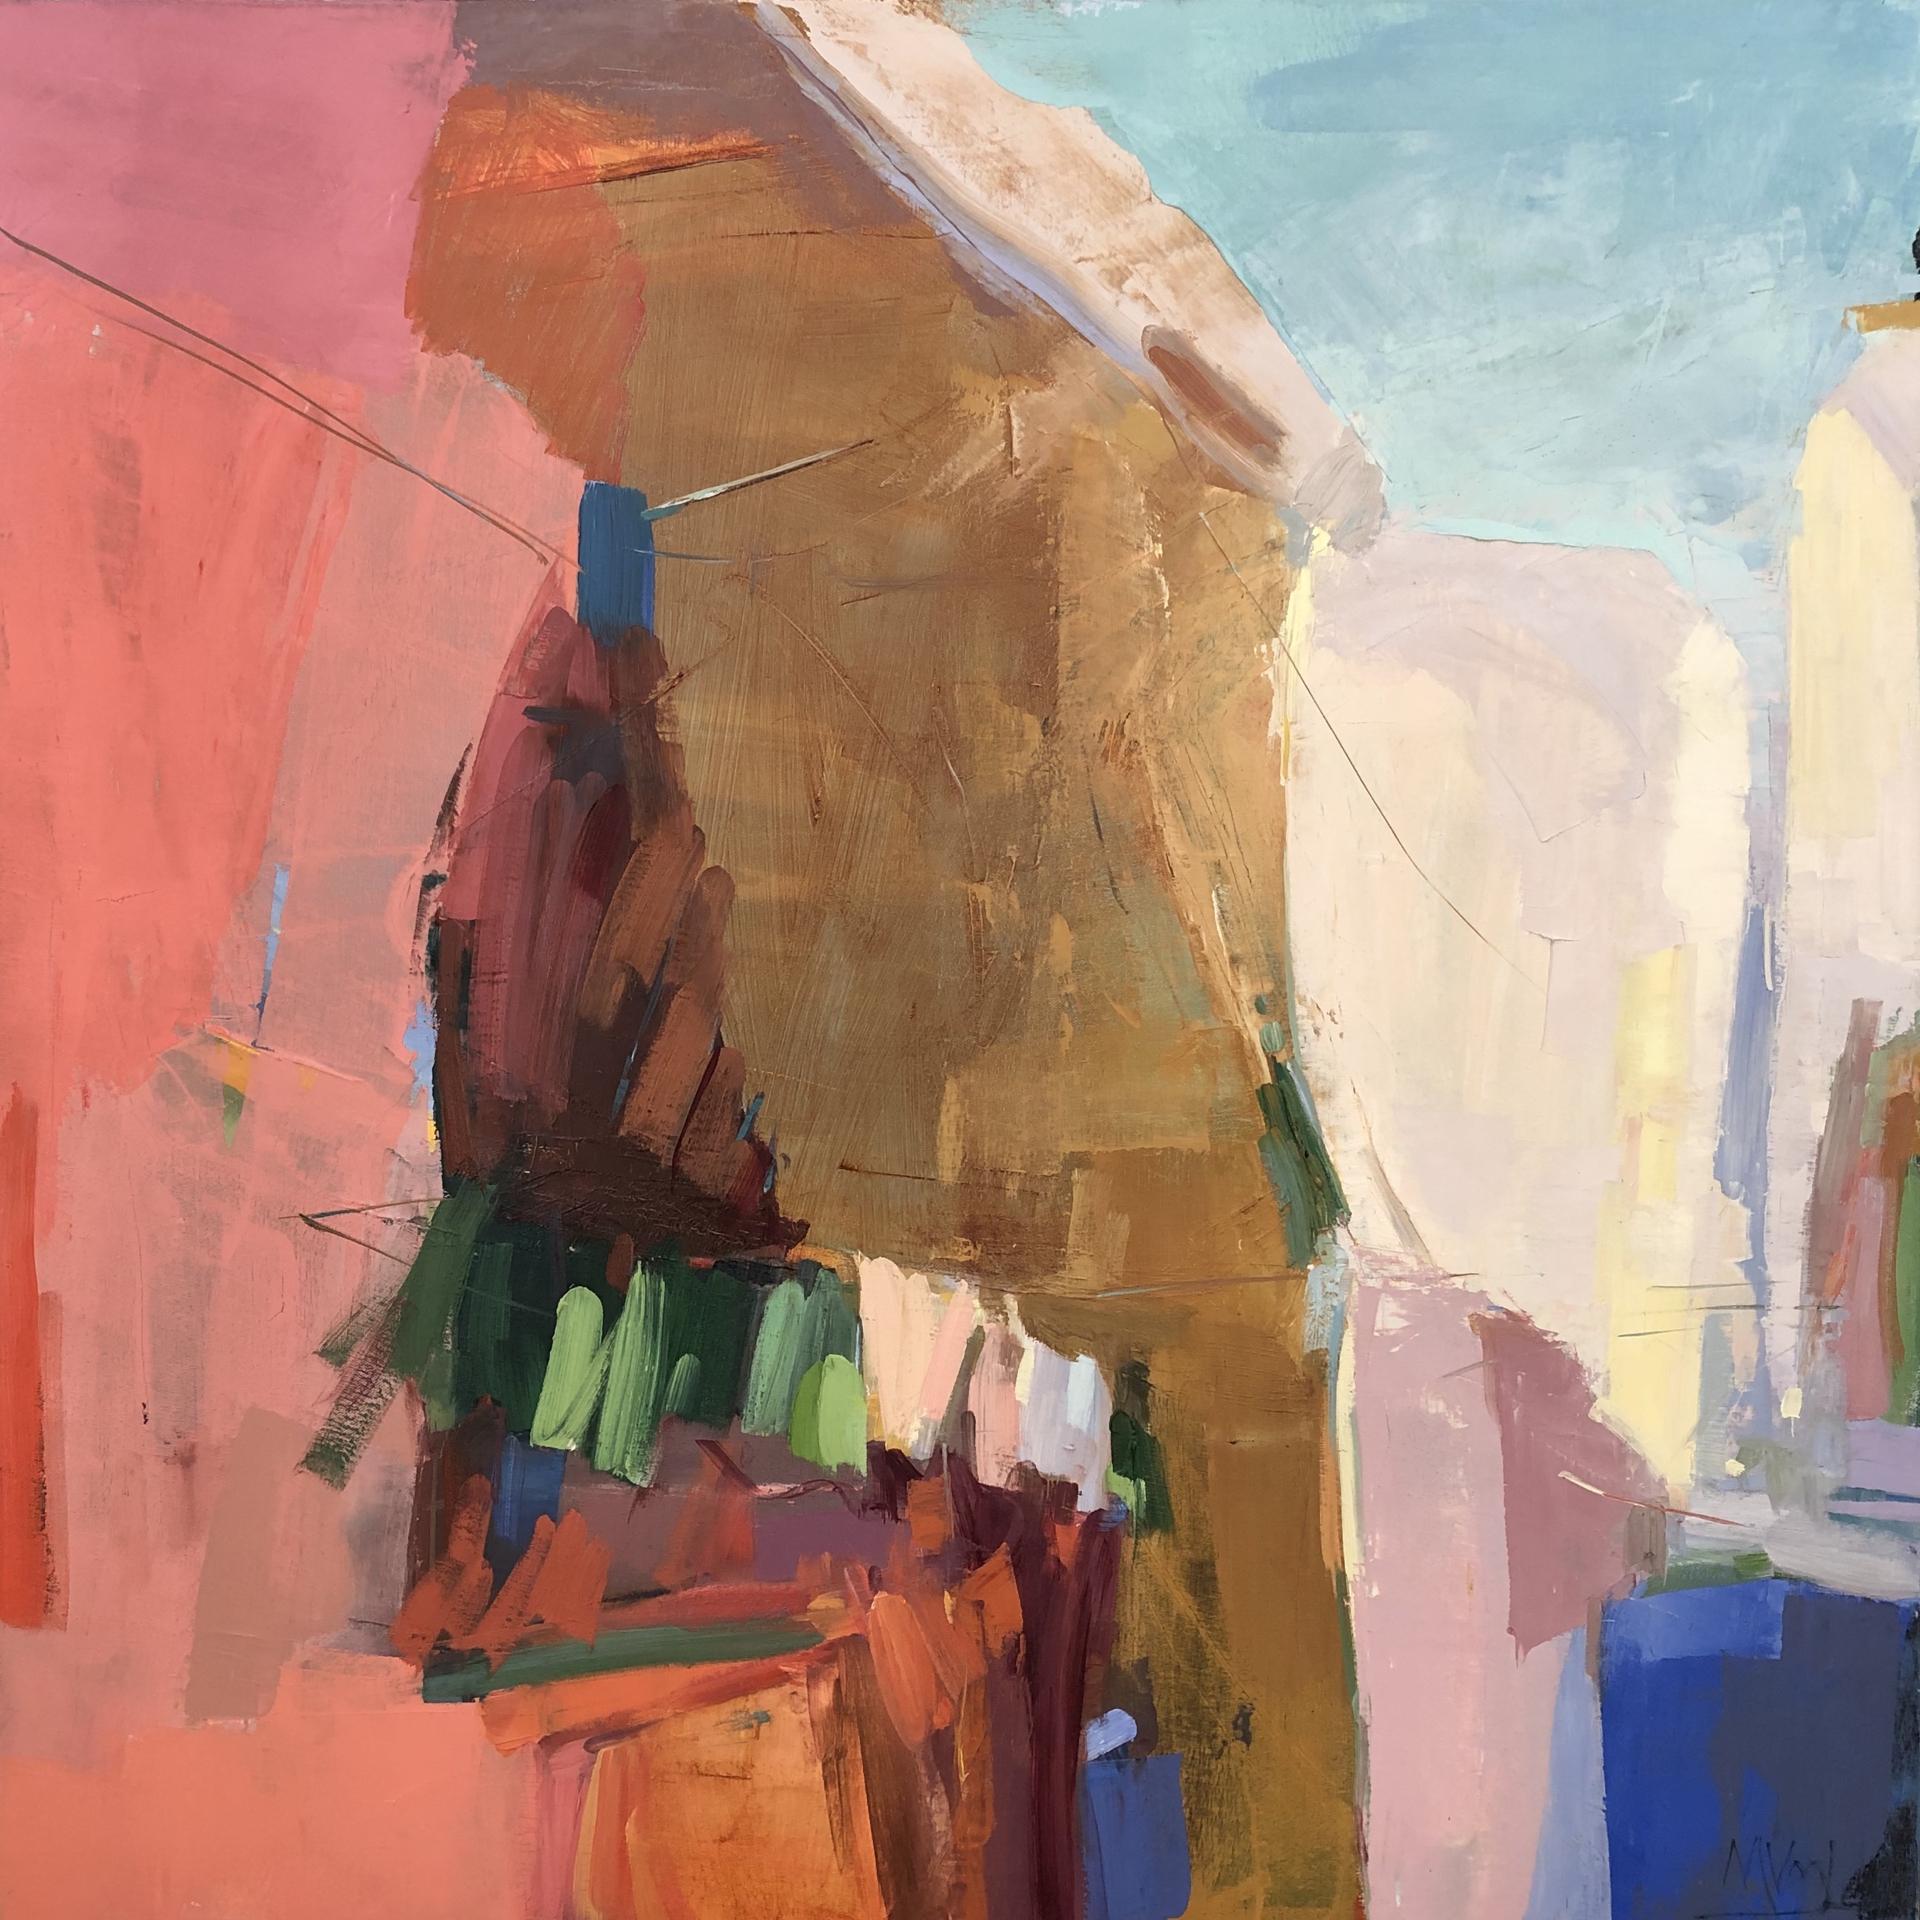 Laundry Day in Ischia by Marissa Vogl